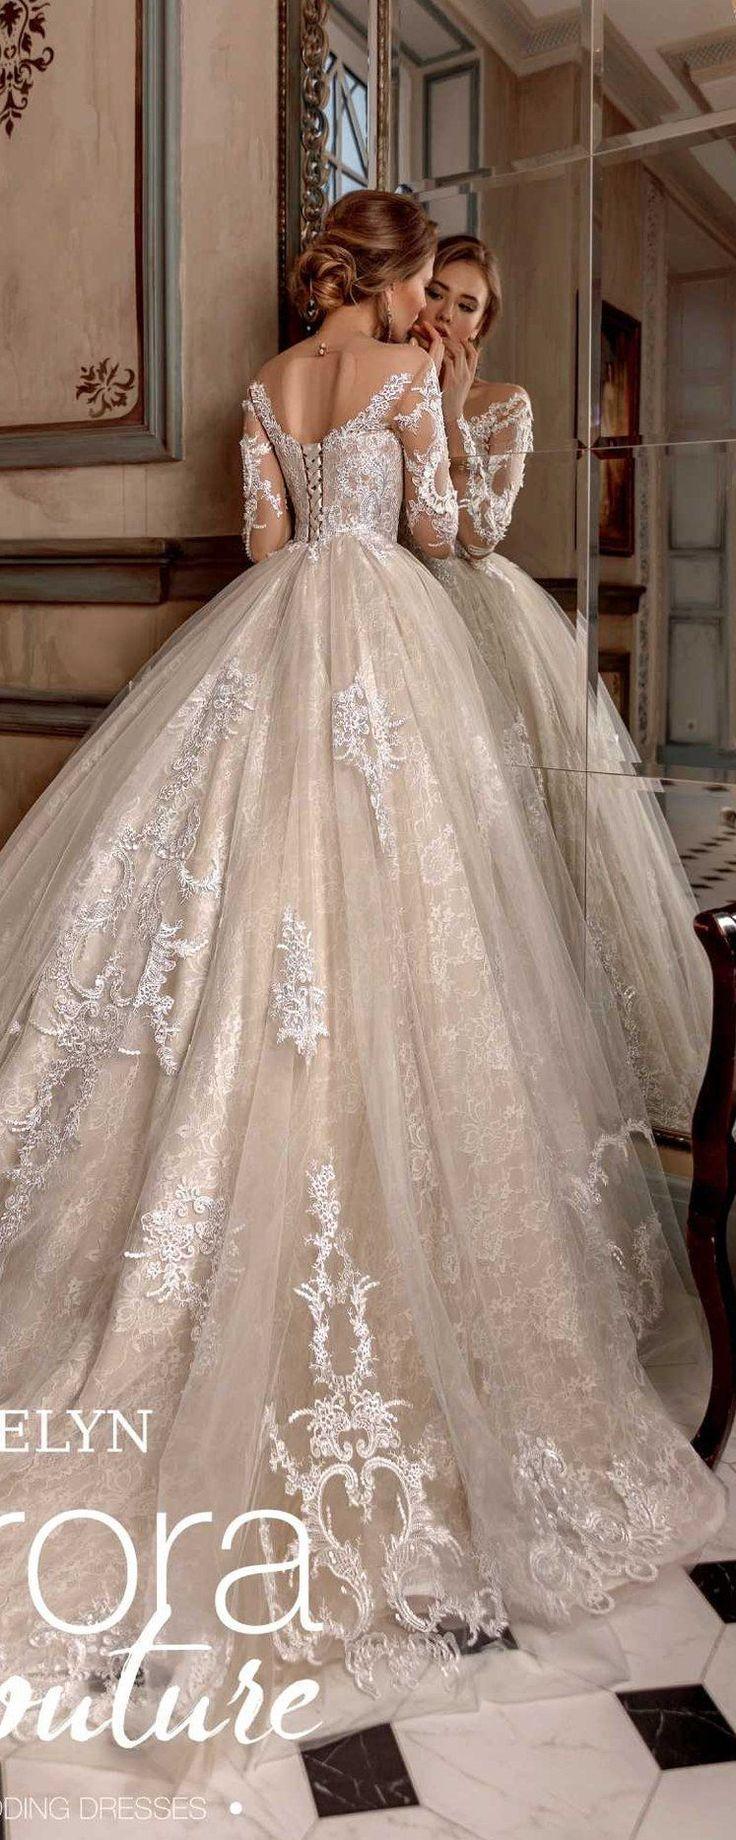 Ballkleid, Hochzeitskleid, EVELYN, Brautkleider, Brautkleid